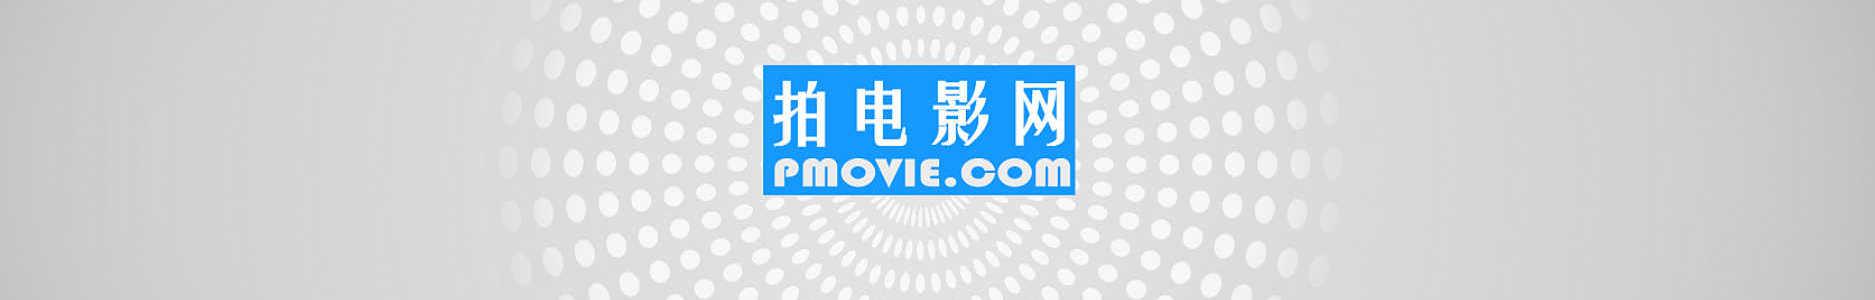 拍电影网 banner